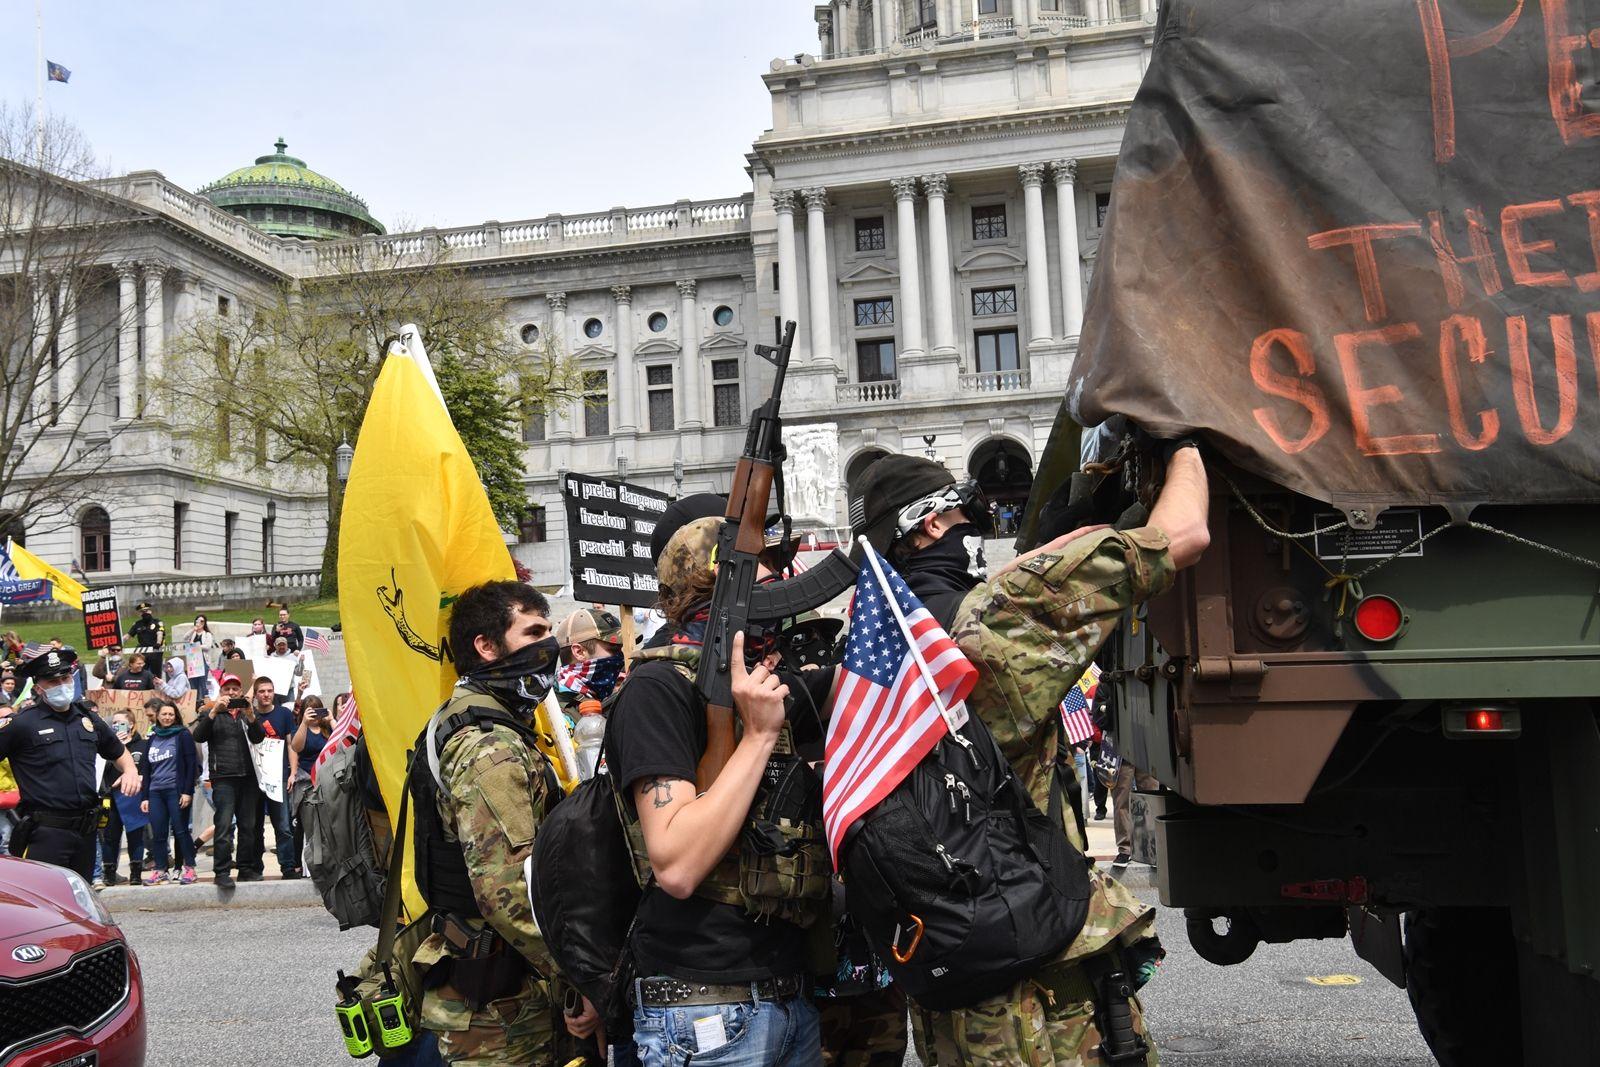 AFP-กลุ่มหนุนปืนในสหรัฐฯ ร่วมชุมนุมต่อต้านล็อกดาวน์ช่วงโควิด.jpg